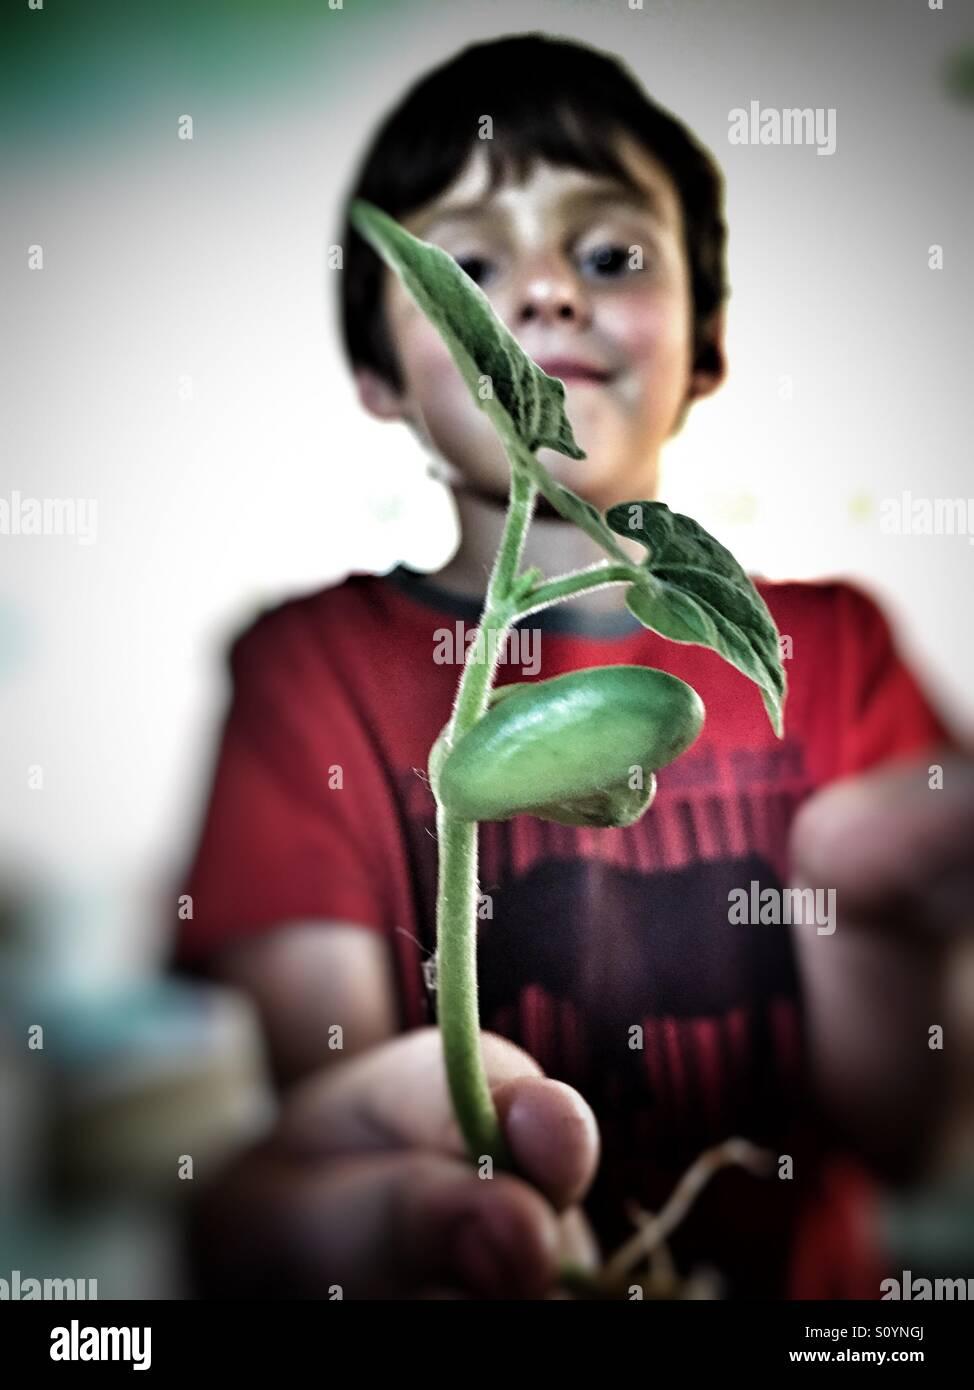 Jeune garçon à propos de planter des fèves germées Photo Stock